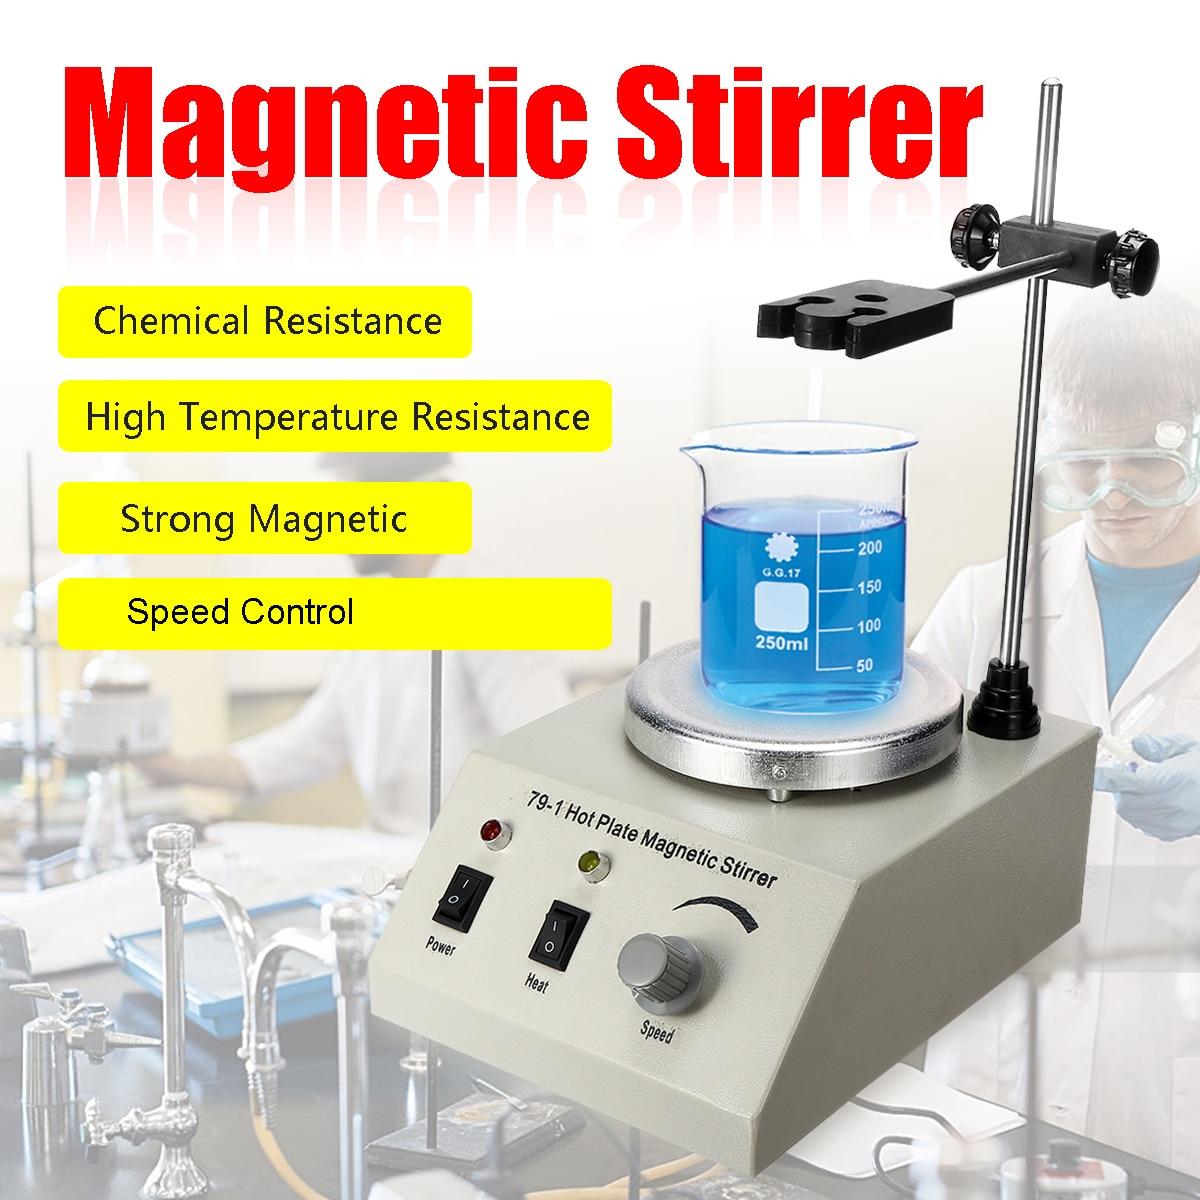 79-1 1000ml misturador de controle variável magnético da velocidade do laboratório do agitador da placa quente 110/220 v nenhum ruído nenhuma vibração eua/ue/au obstrui a corrida lisa